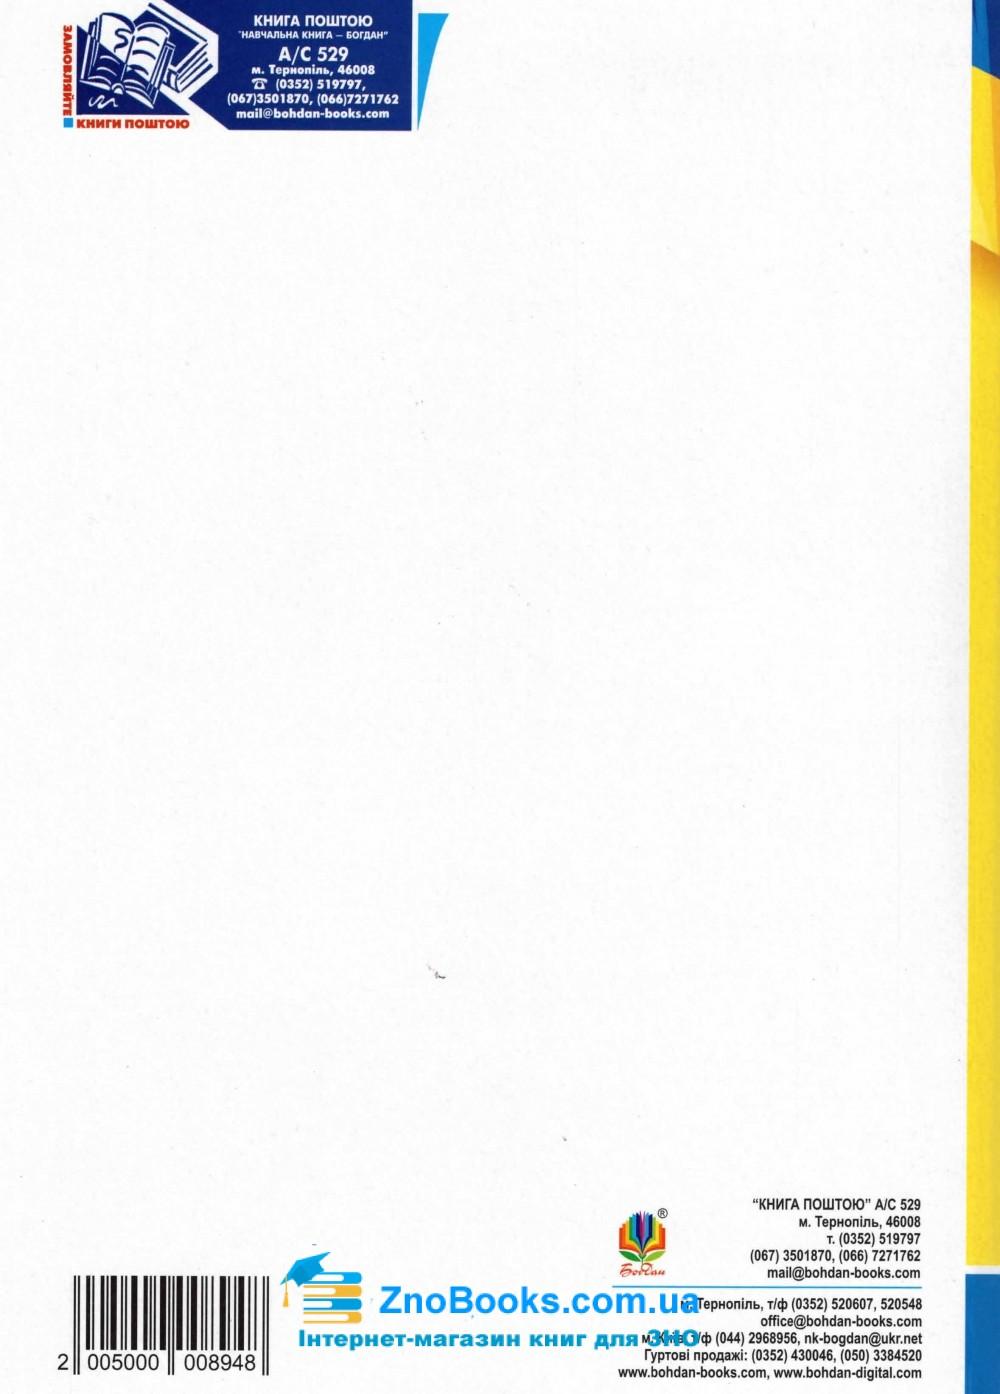 Хімія: комплексне видання для підготовки до ЗНО 2019 у 3-х ч. Неорганічна хімія Частина 2. Авт: Дячук Л. С. Вид-во: Навчальна книга - Богдан. купити 15